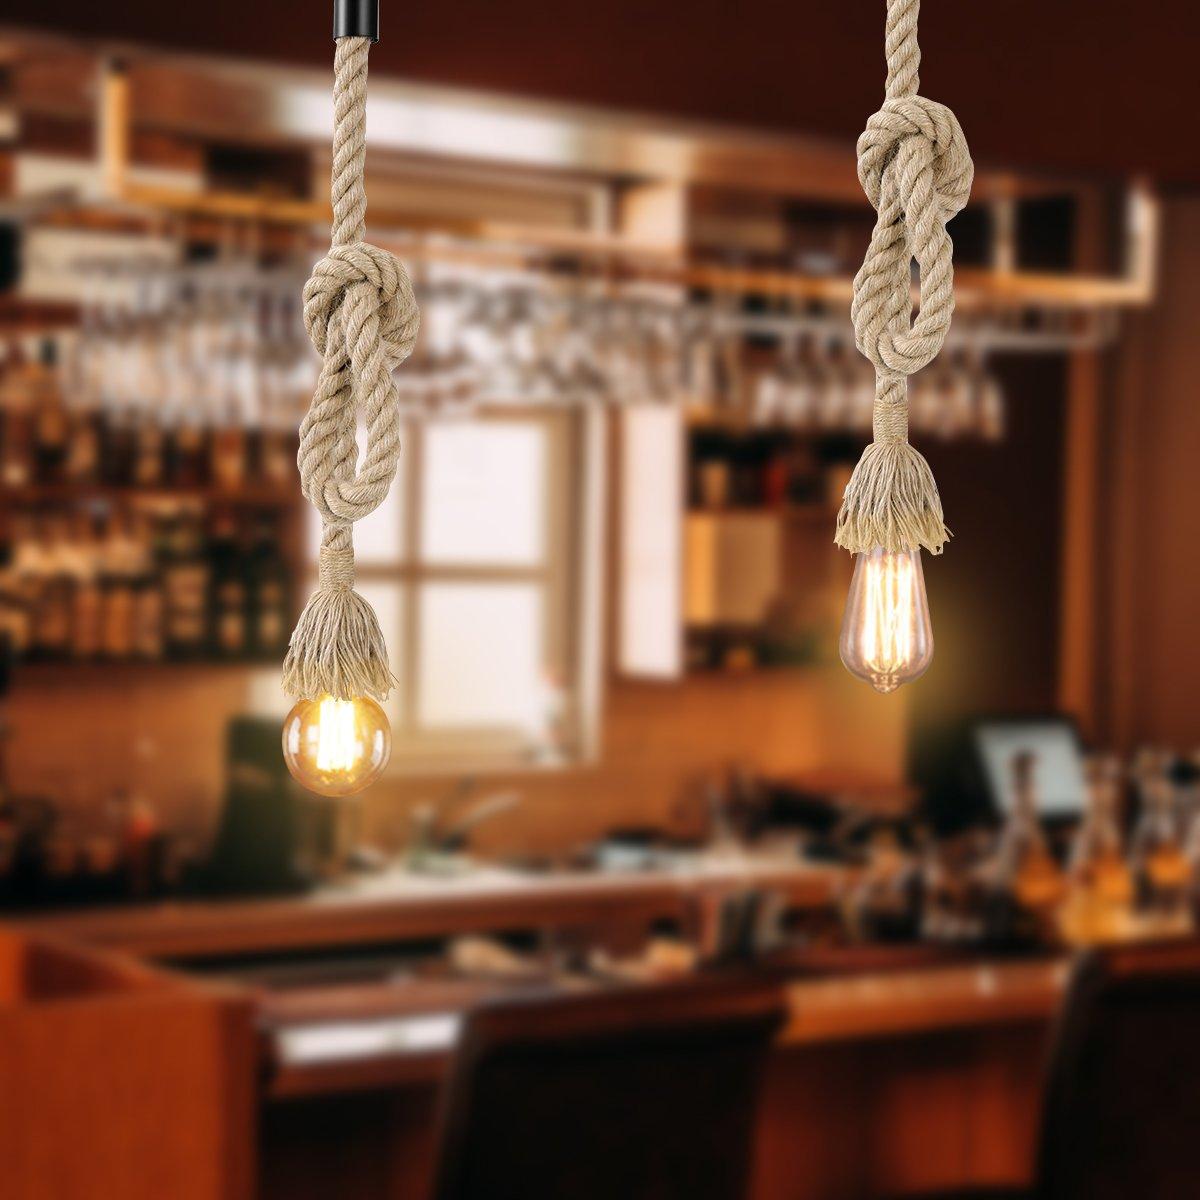 LEDMOMO 1M Vintage Cuerda de cáñamo gruesa sola cabeza colgante de cáñamo lámpara de cuerda luces colgantes para el restaurante del dormitorio Cafe Bar Decoración de estilo rural product image